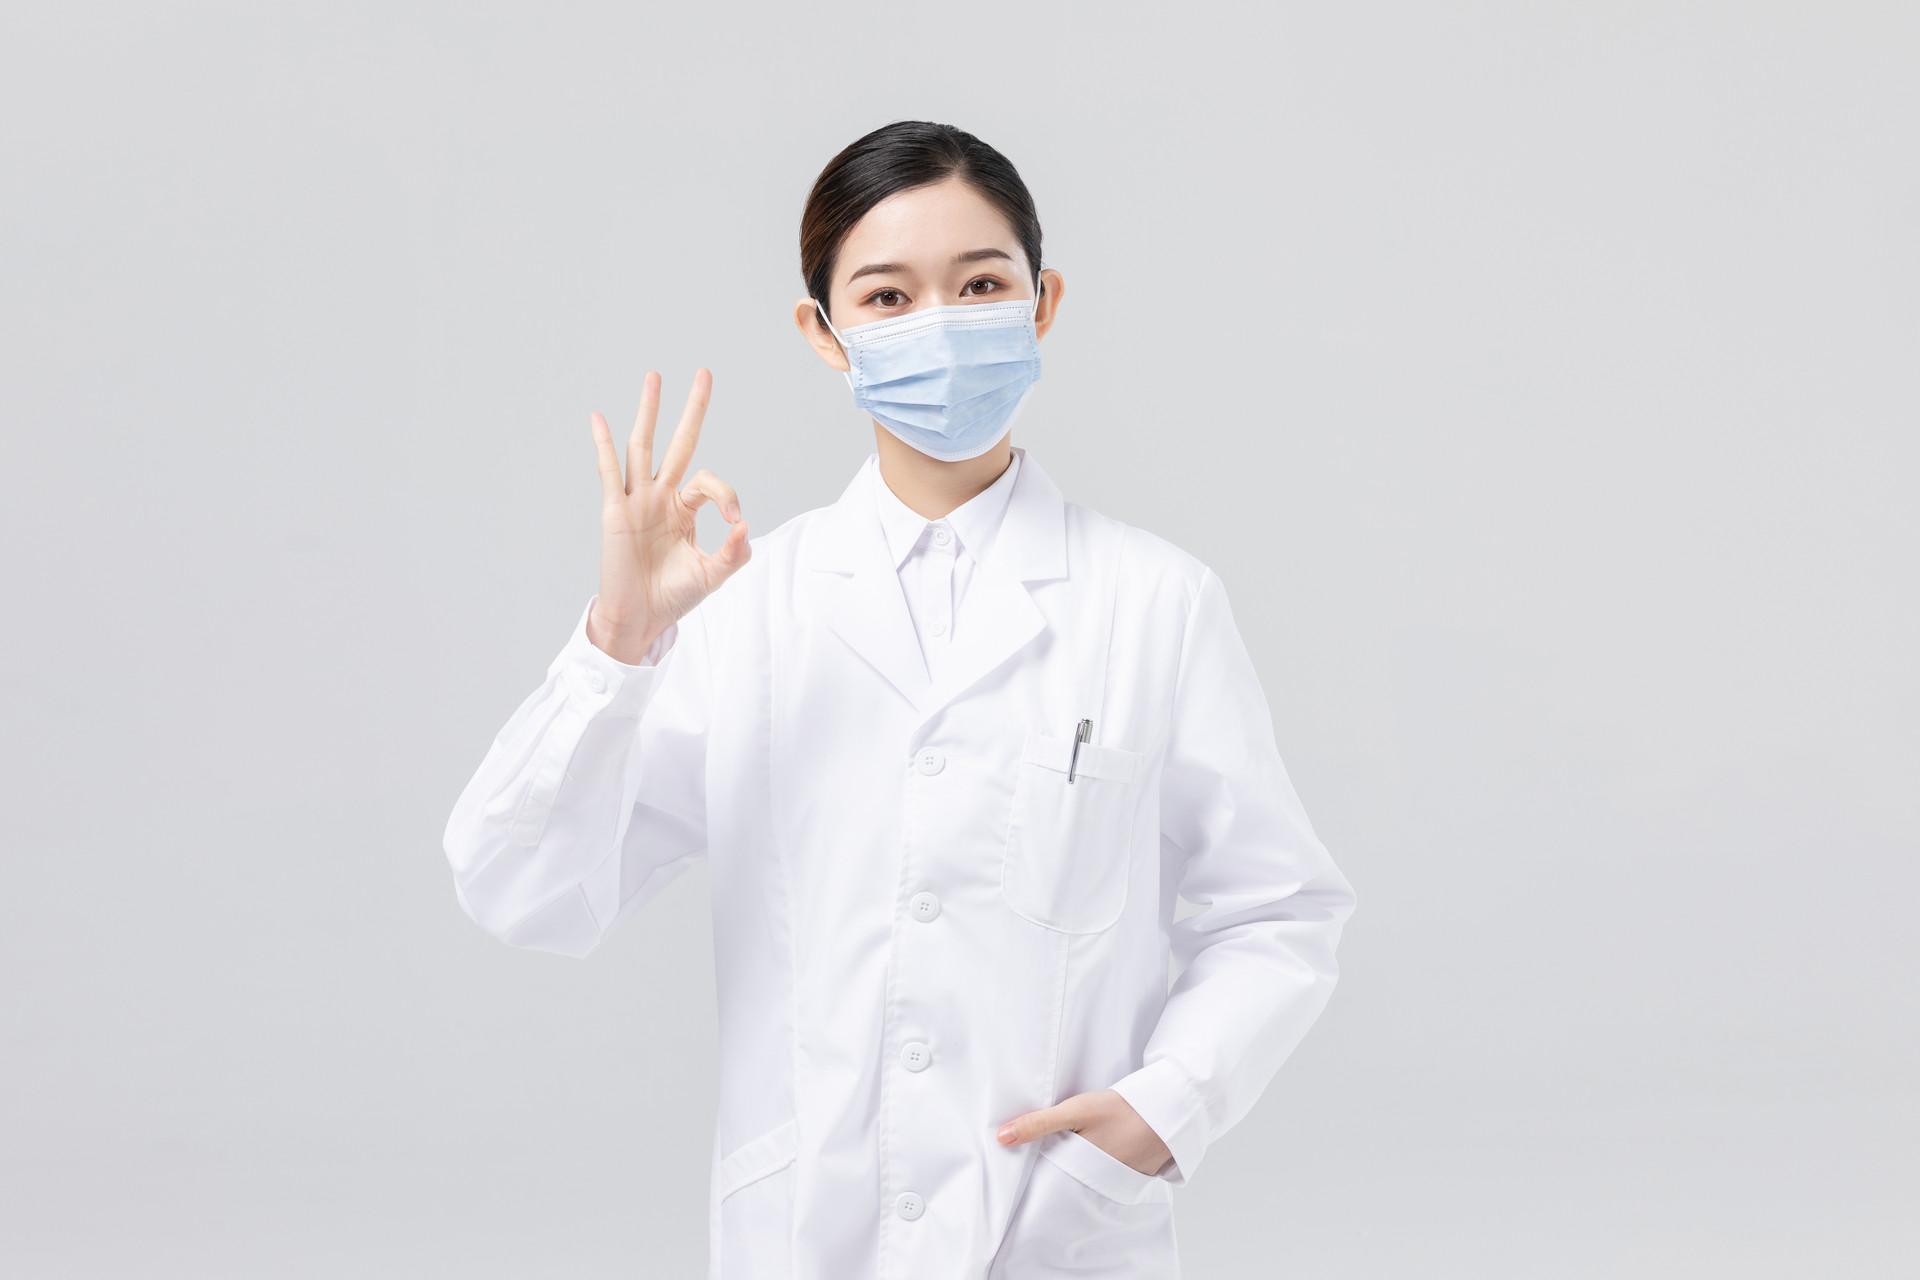 宁波培训健康管理师的学校